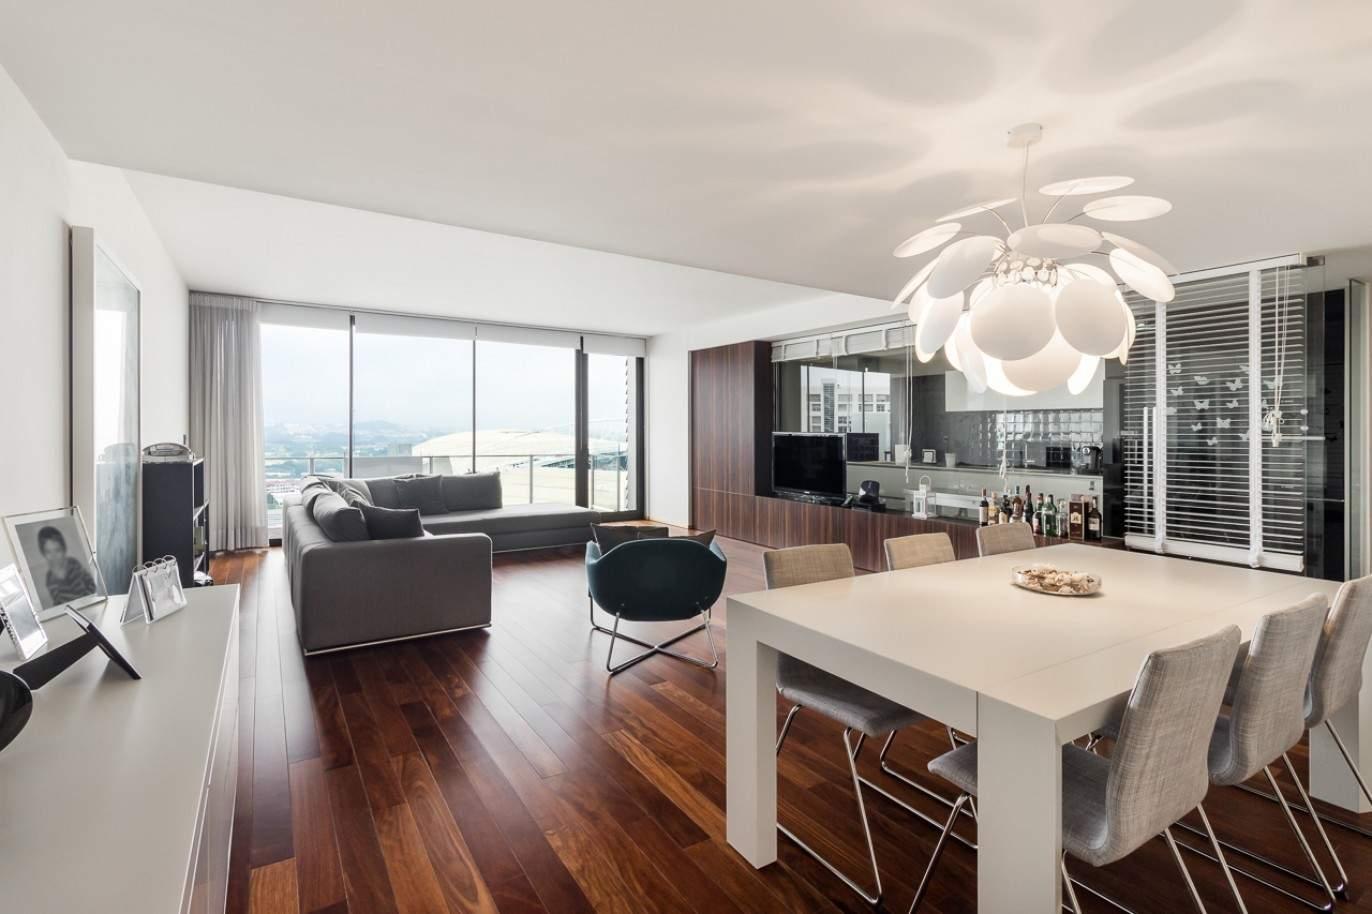 luxury-apartment-private-condominium-antas-porto-portugal